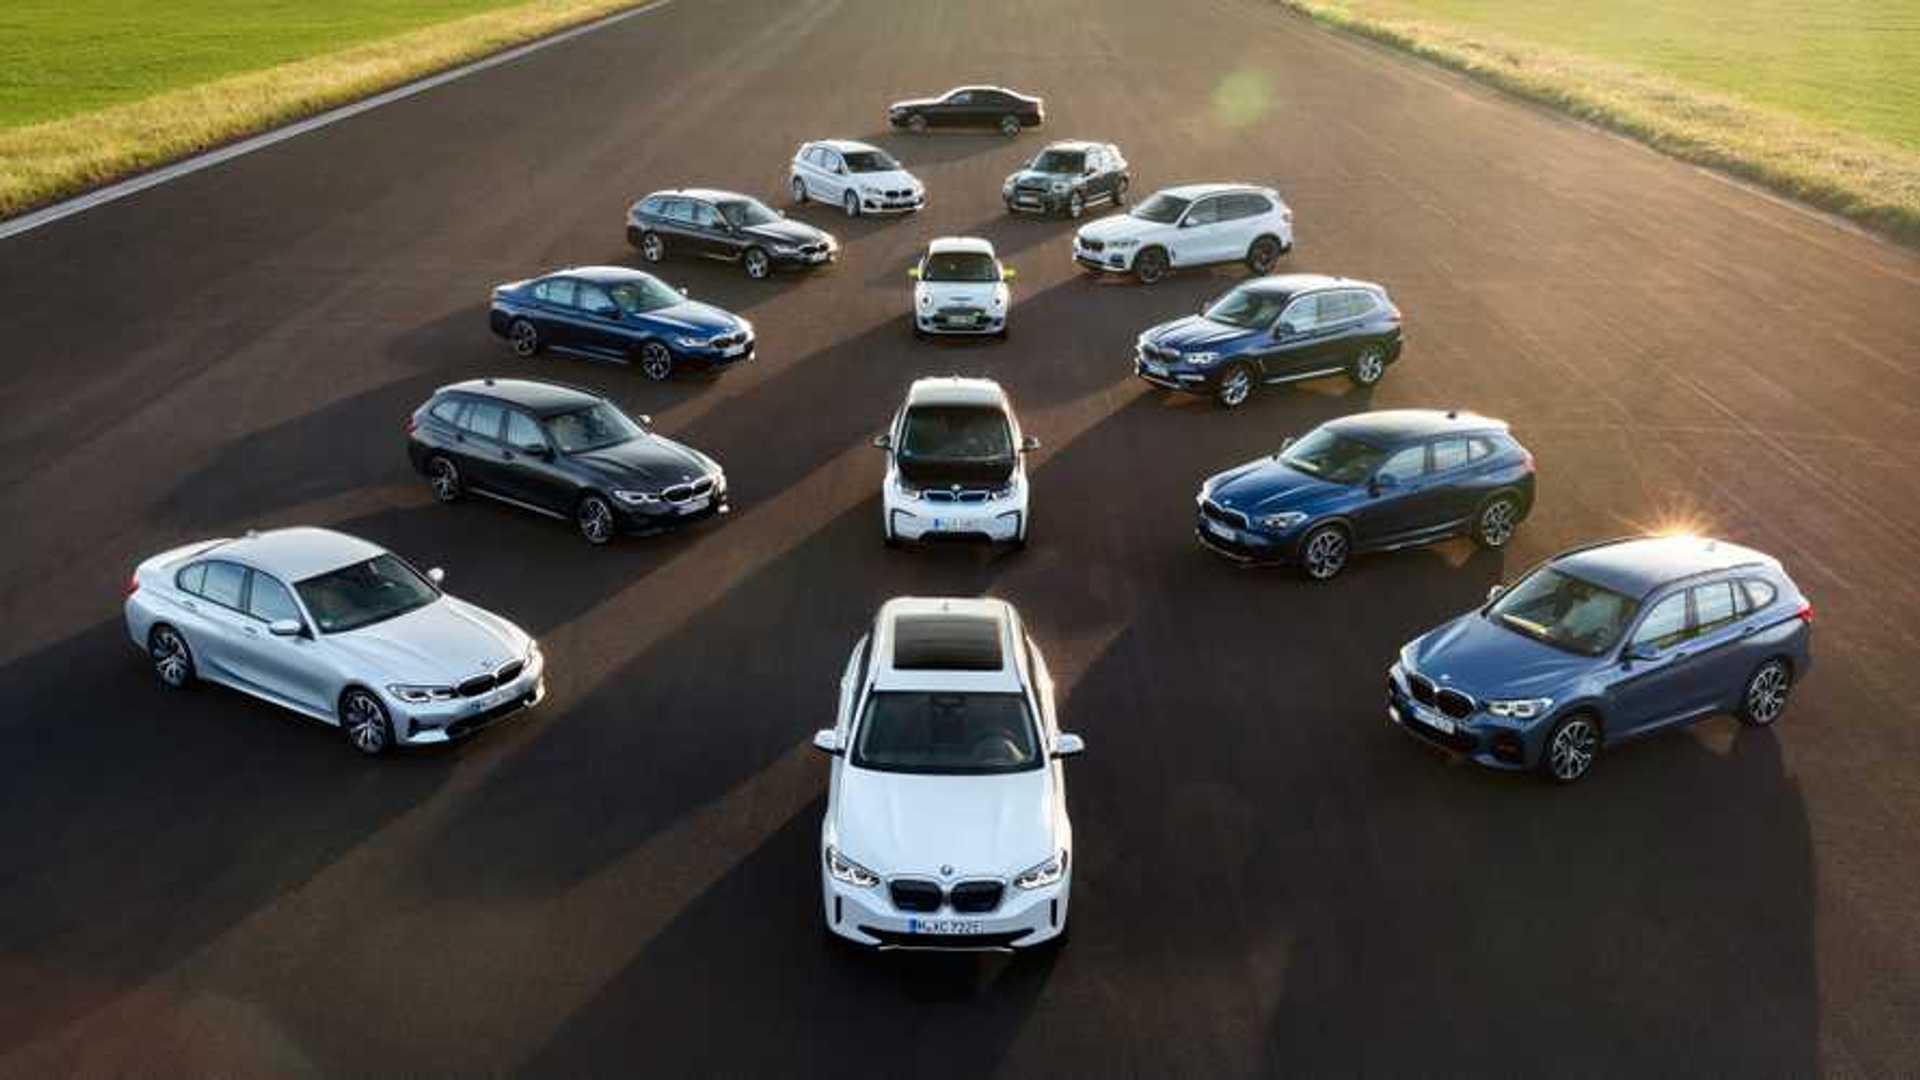 BMW упрощает модельный ряд, чтобы сократить расходы и профинансировать разработку электромобилей